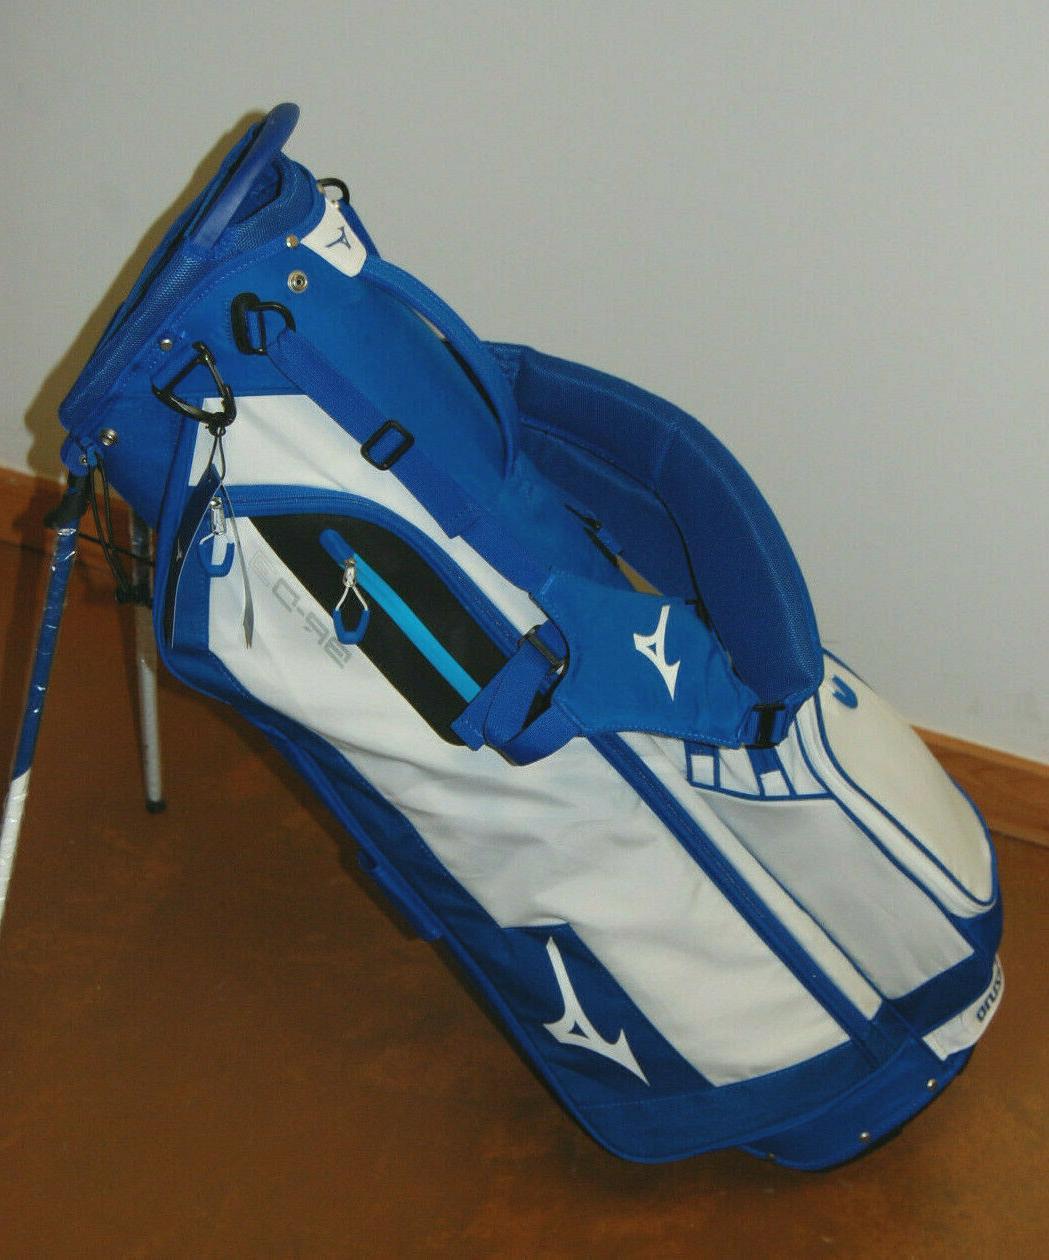 br d3 golf stand bag 4 way